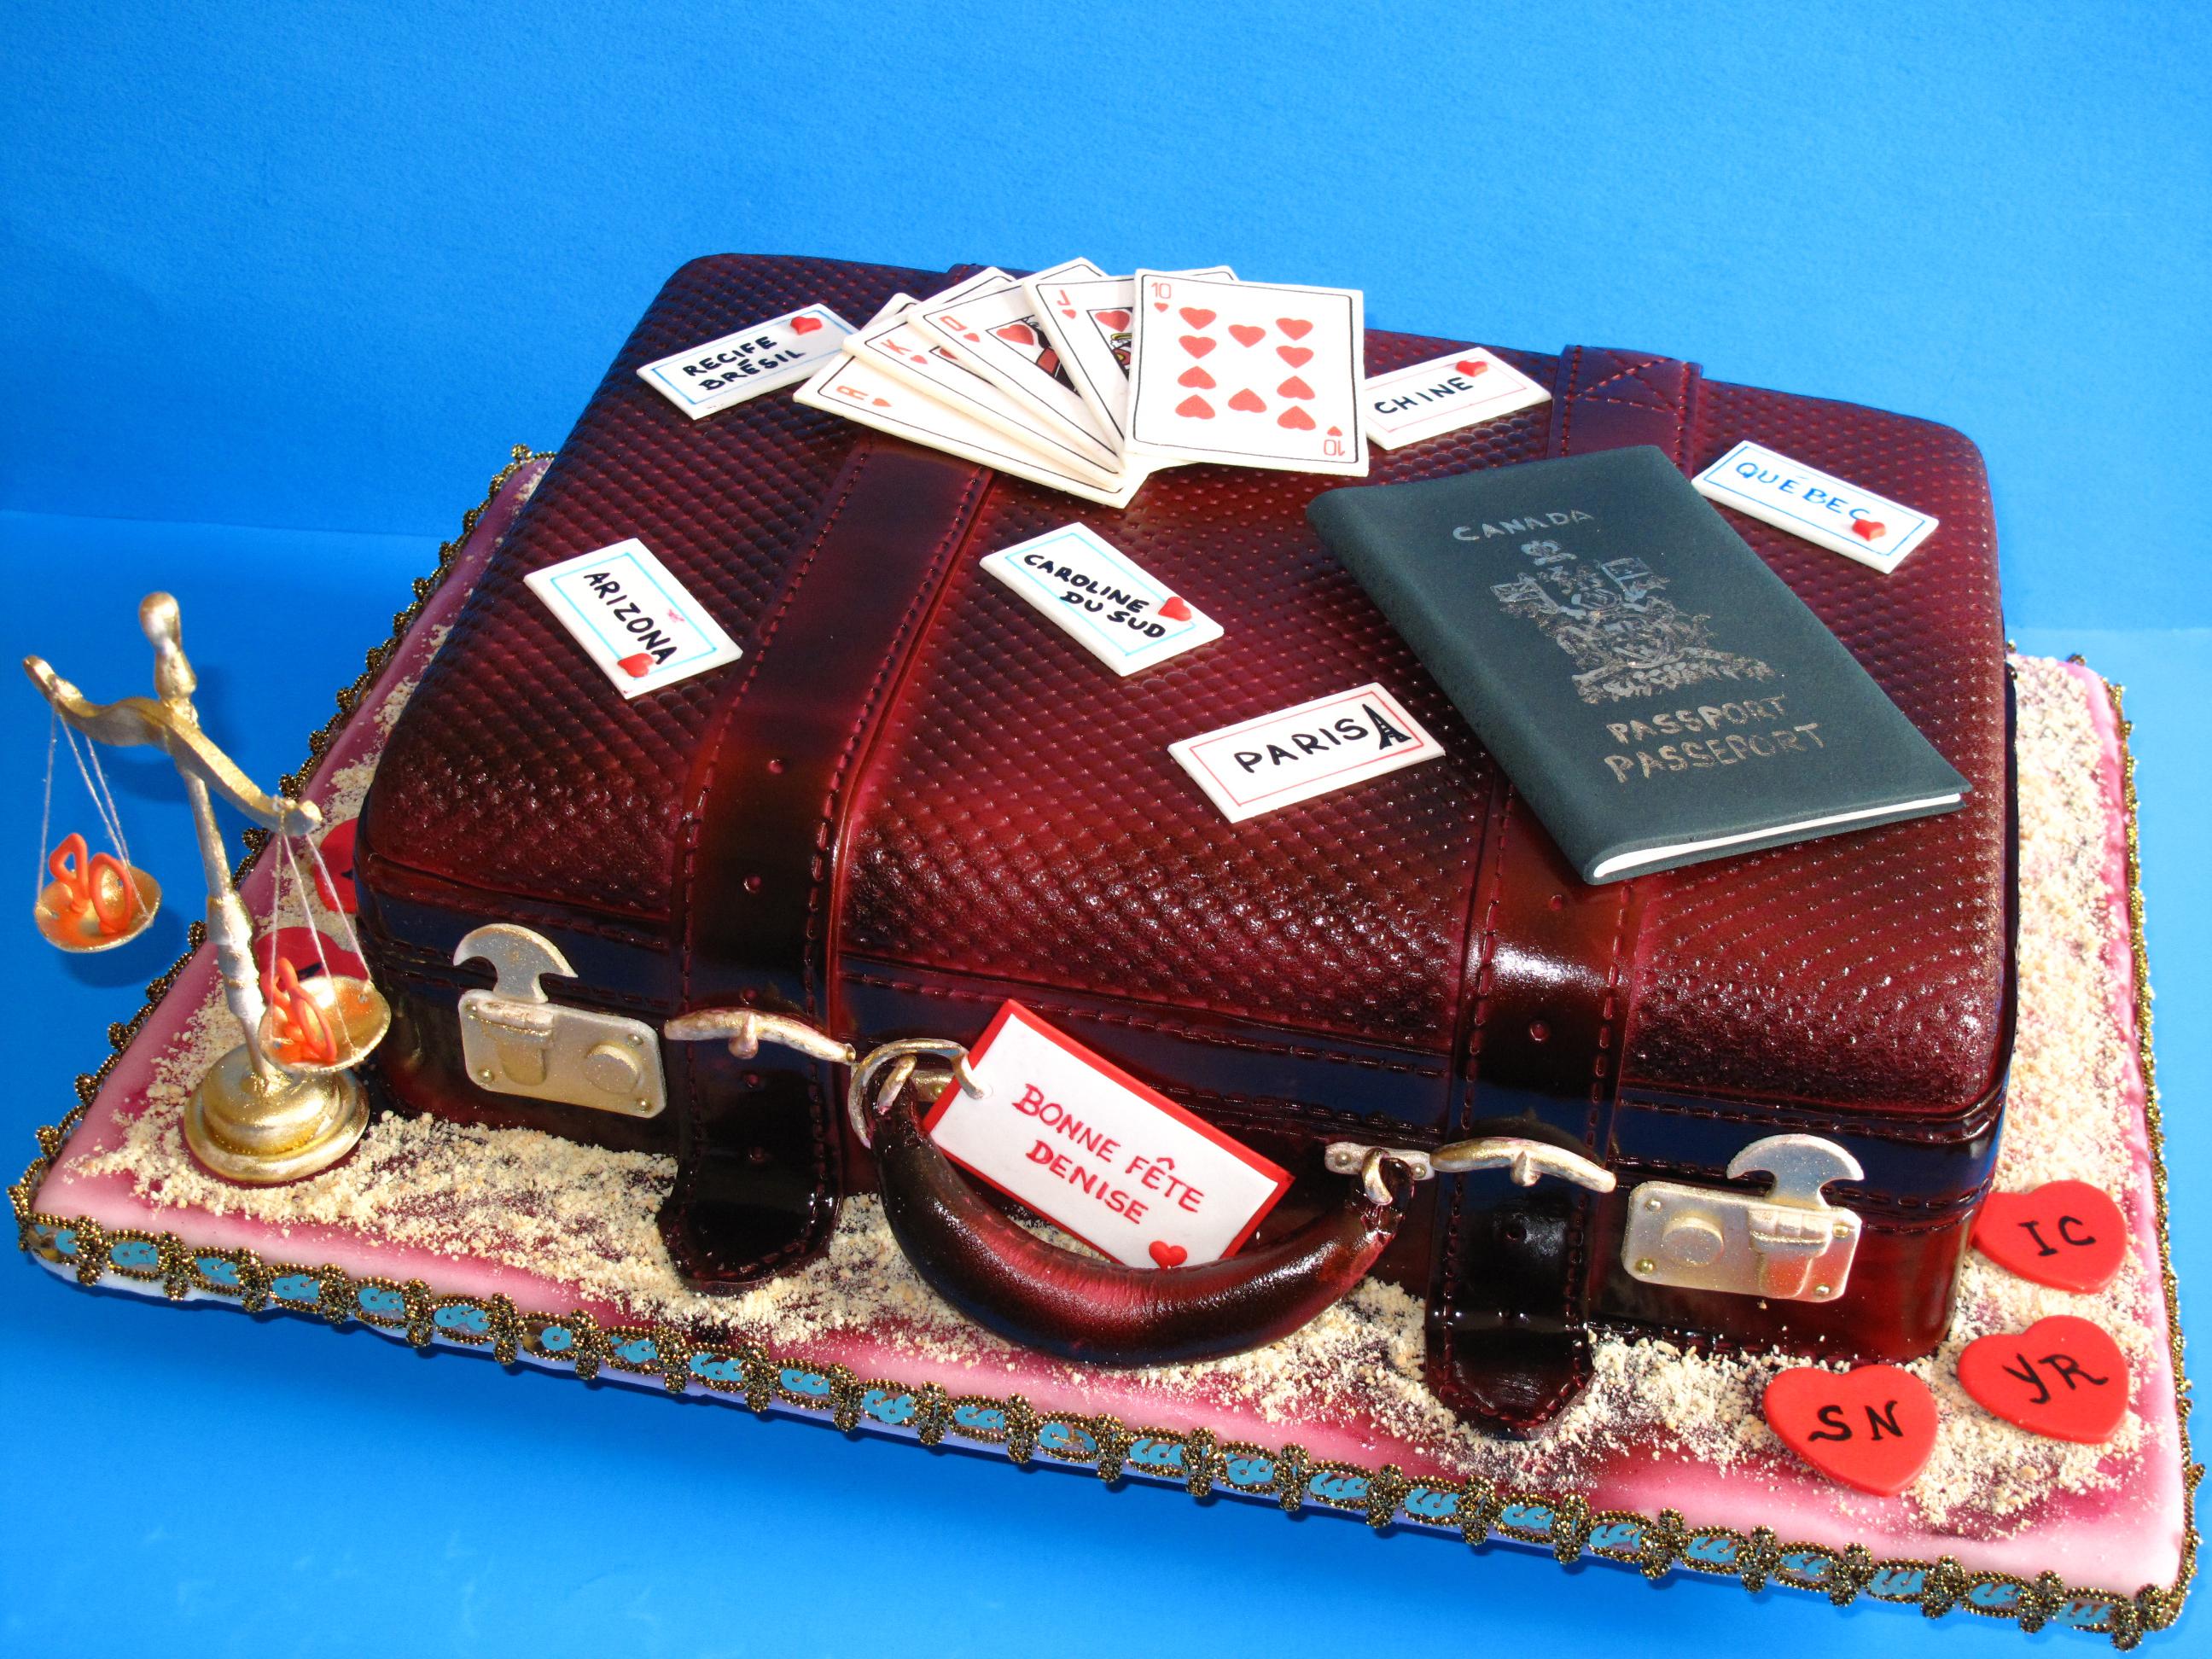 La valise pour Denise